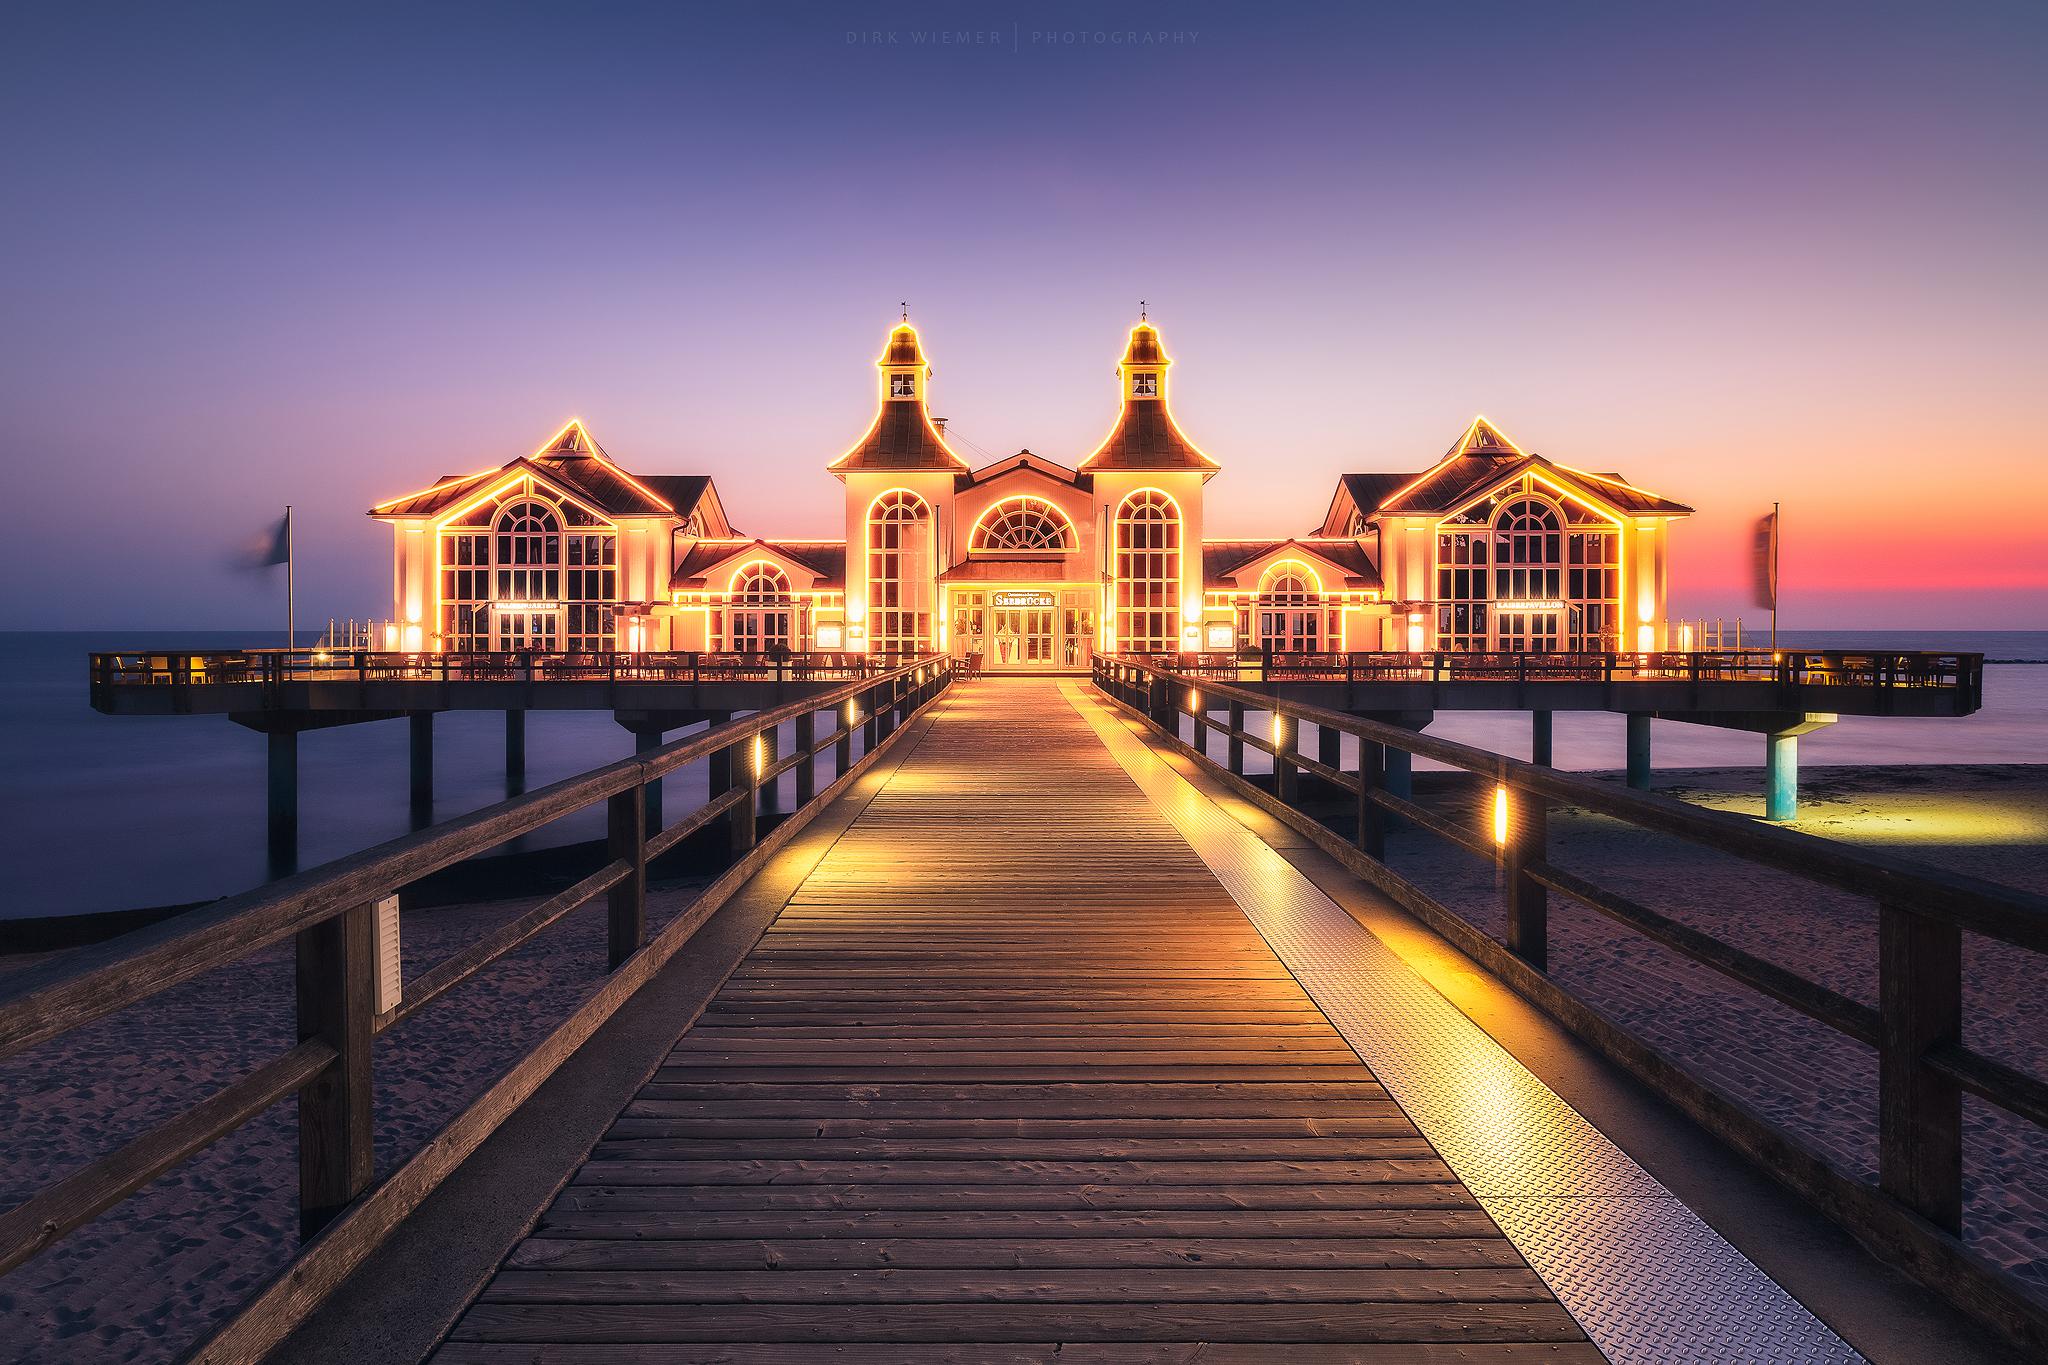 Sellin Pier, Germany